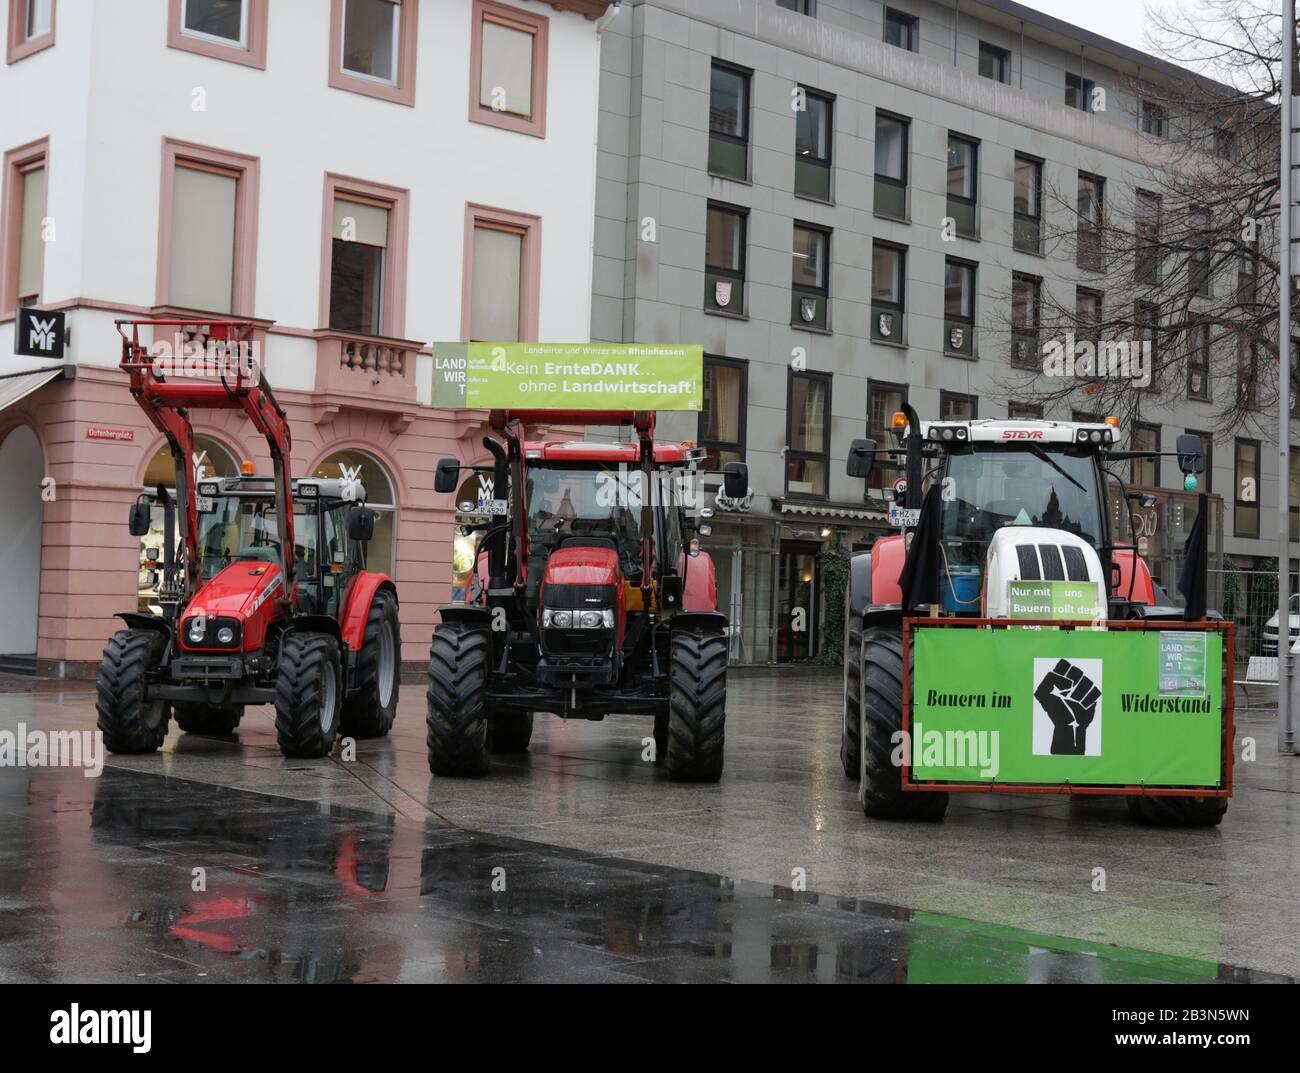 Magonza, Germania. 5th marzo 2020. I trattori sono parcheggiati nel centro di Mainz. Poche centinaia di agricoltori con il loro trattore protestò nel centro di Mainz contro le nuove normative sui fertilizzanti e per un migliore riconoscimento del loro lavoro. Foto Stock